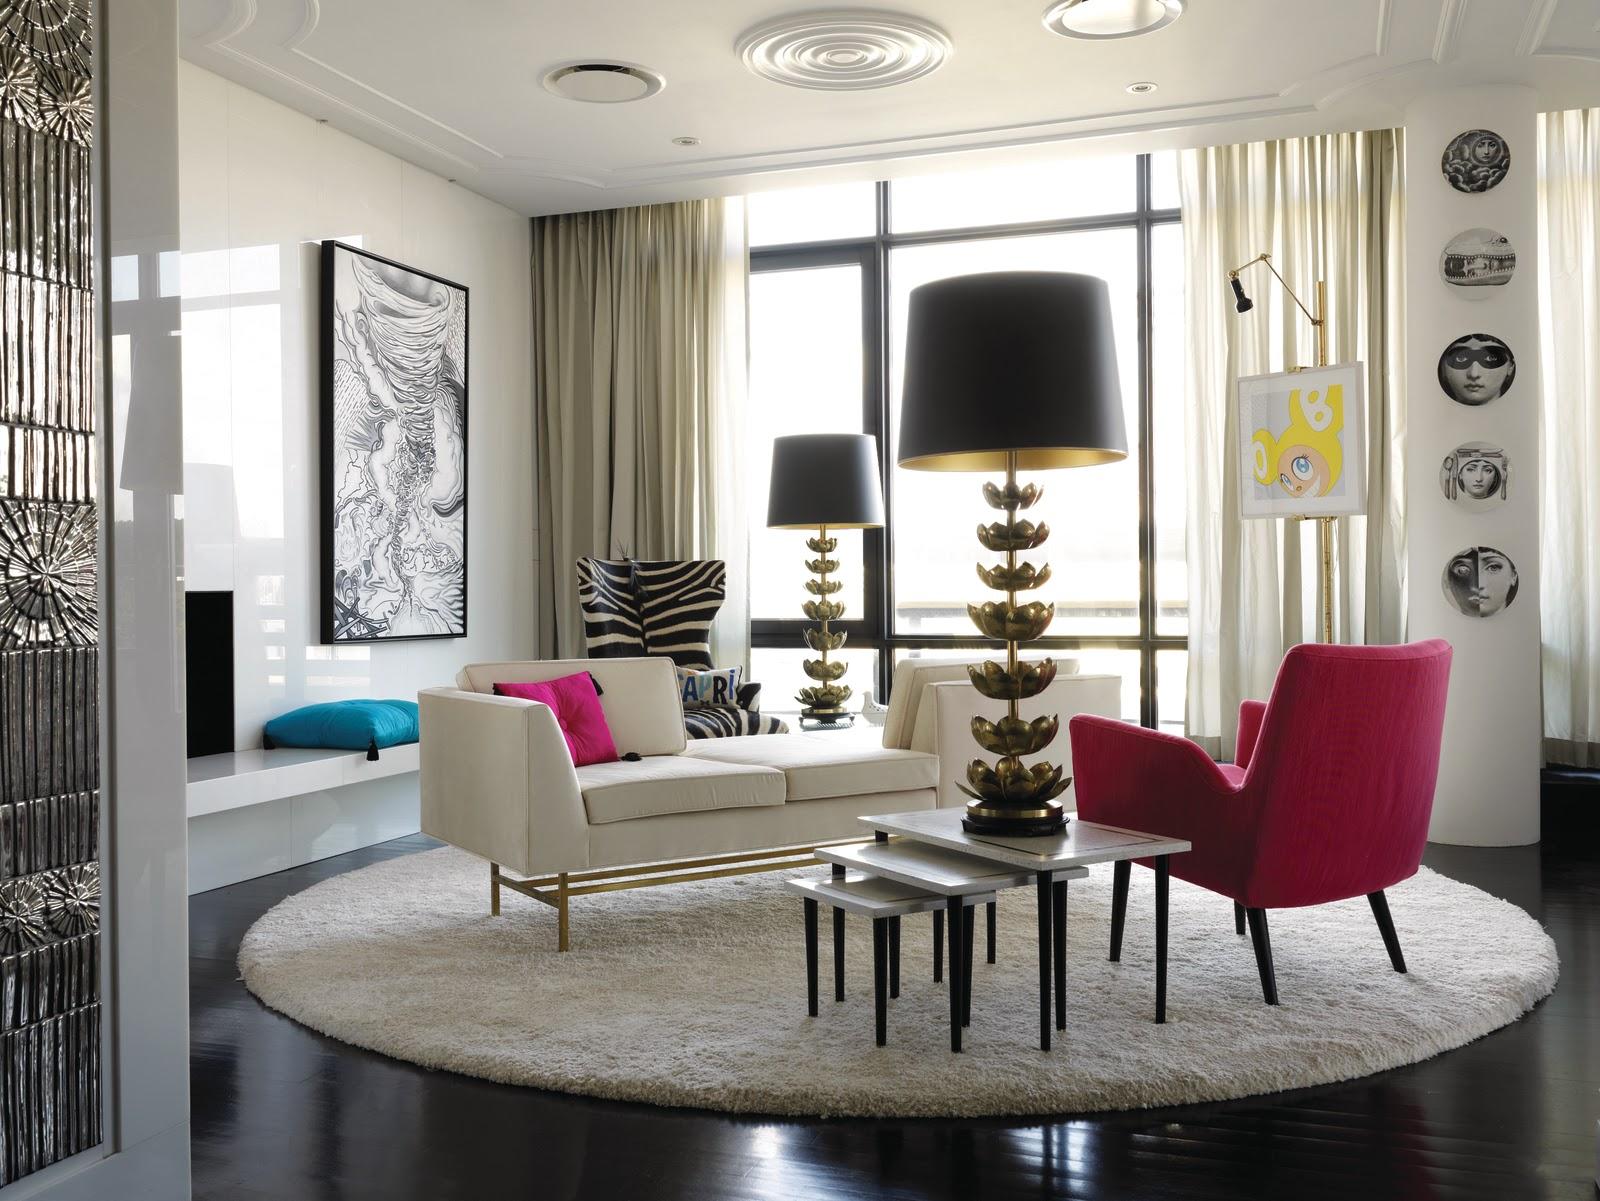 jonathan adler  Design Miami: Best design stores jonathan